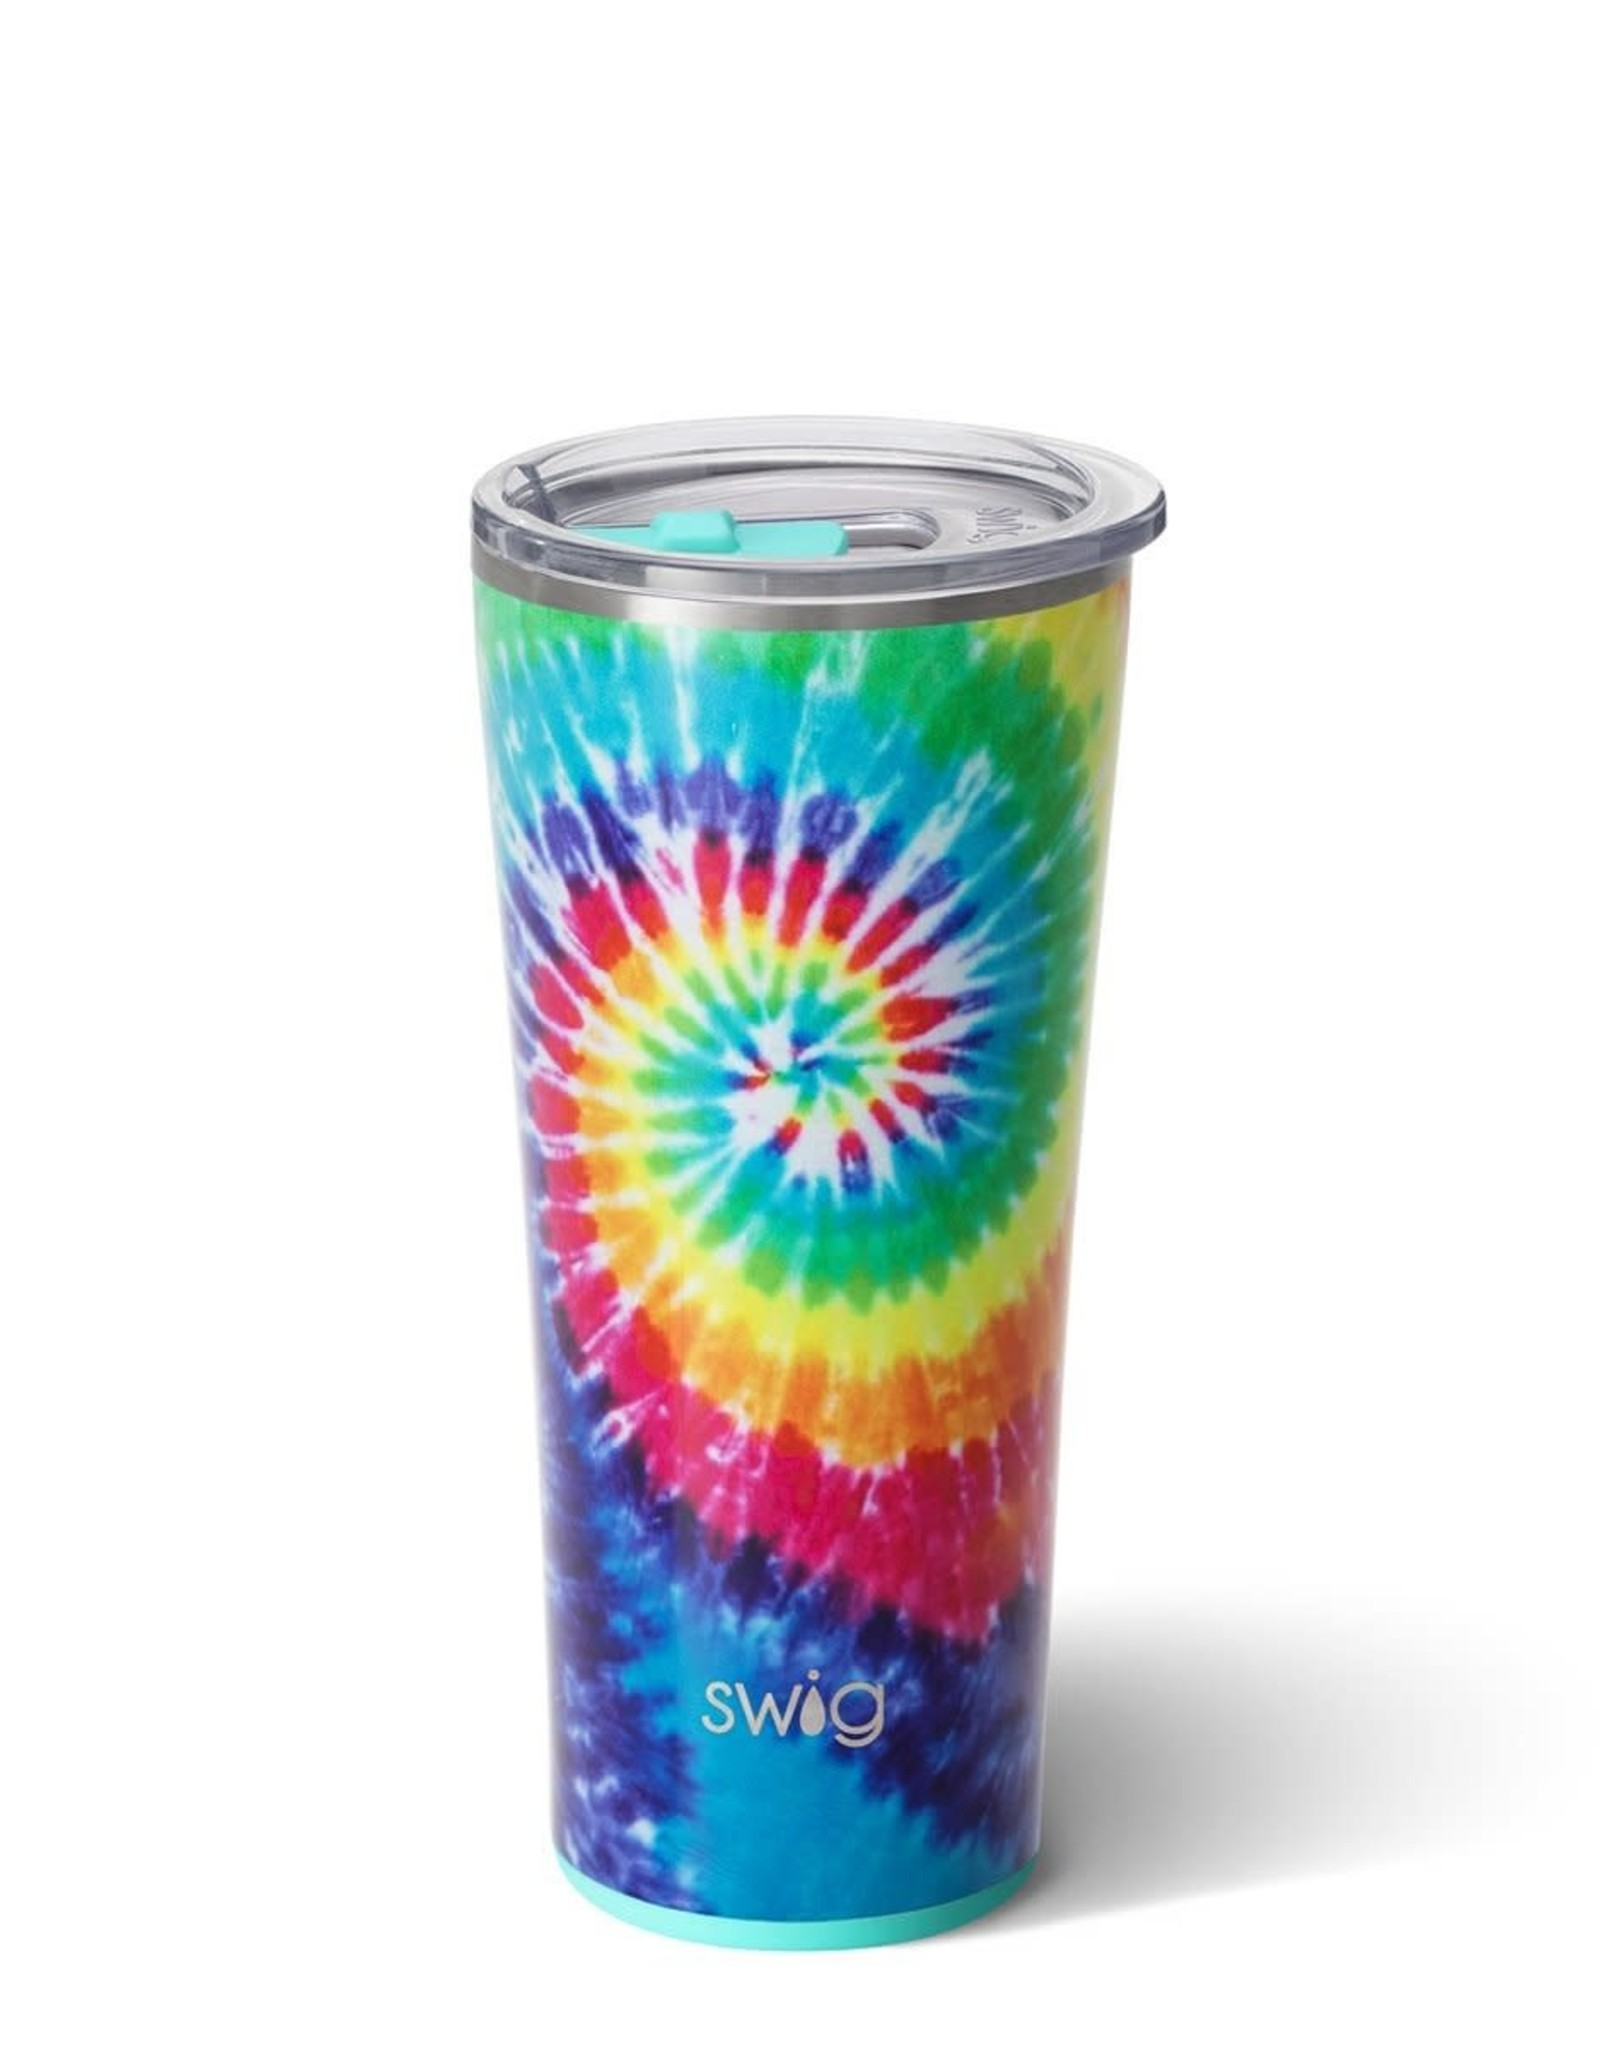 Swig Tumbler - 22oz - Swirled Peace